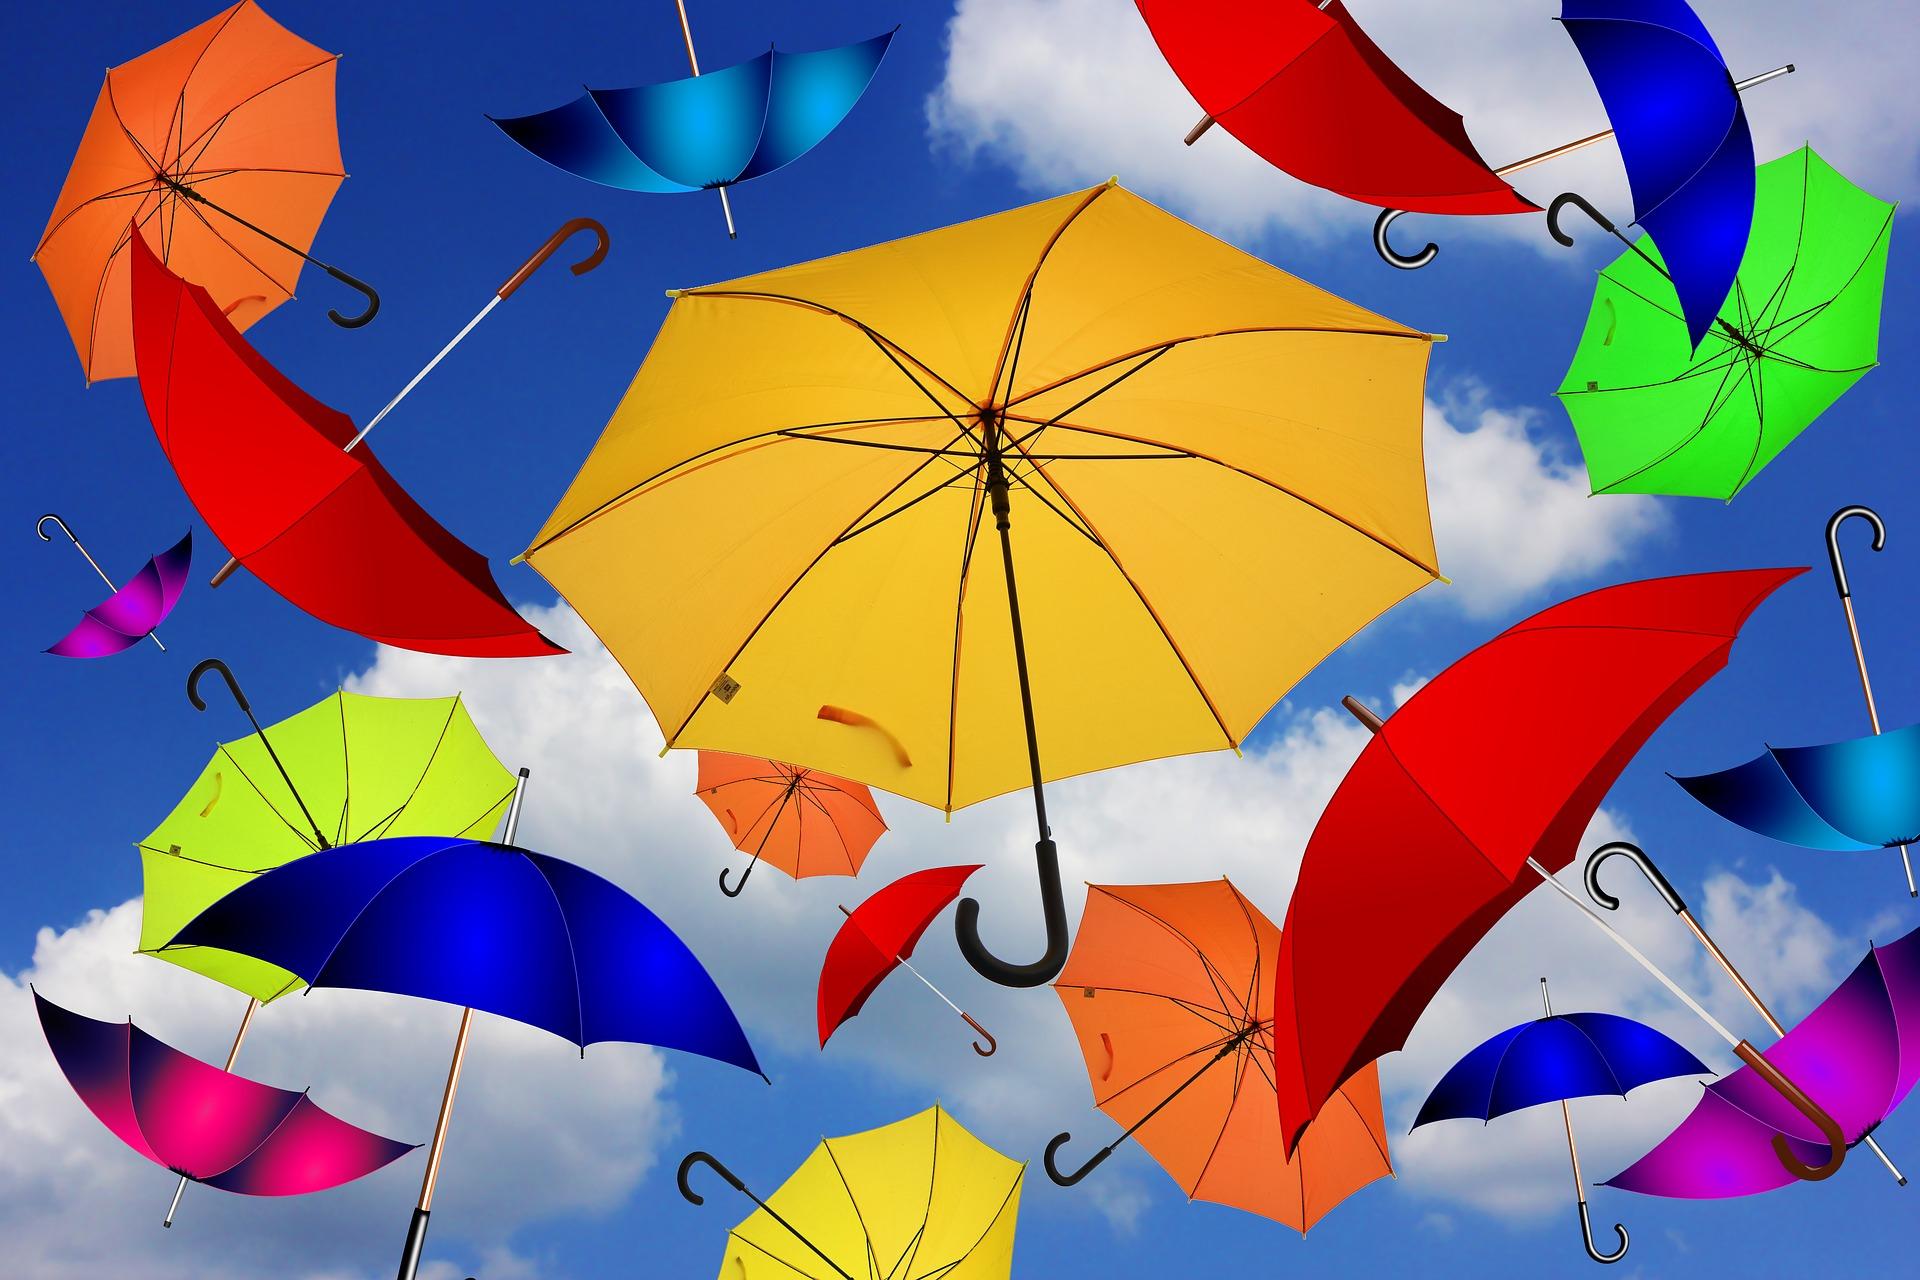 Värikkäitä sateenvarjoja leijumassa taivaalla